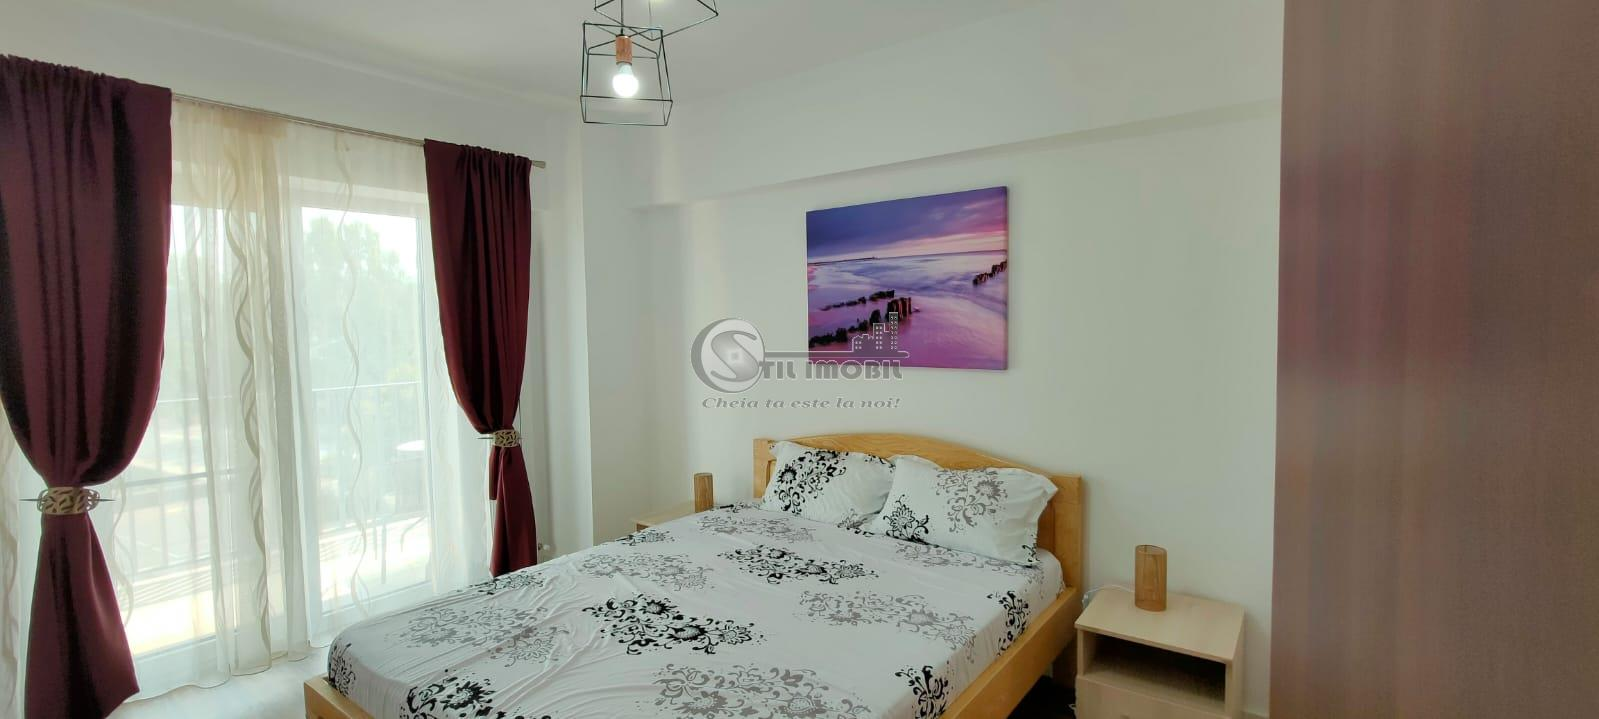 Apartament 2 camere , lux, nou, Tatarasi ,loc parcare